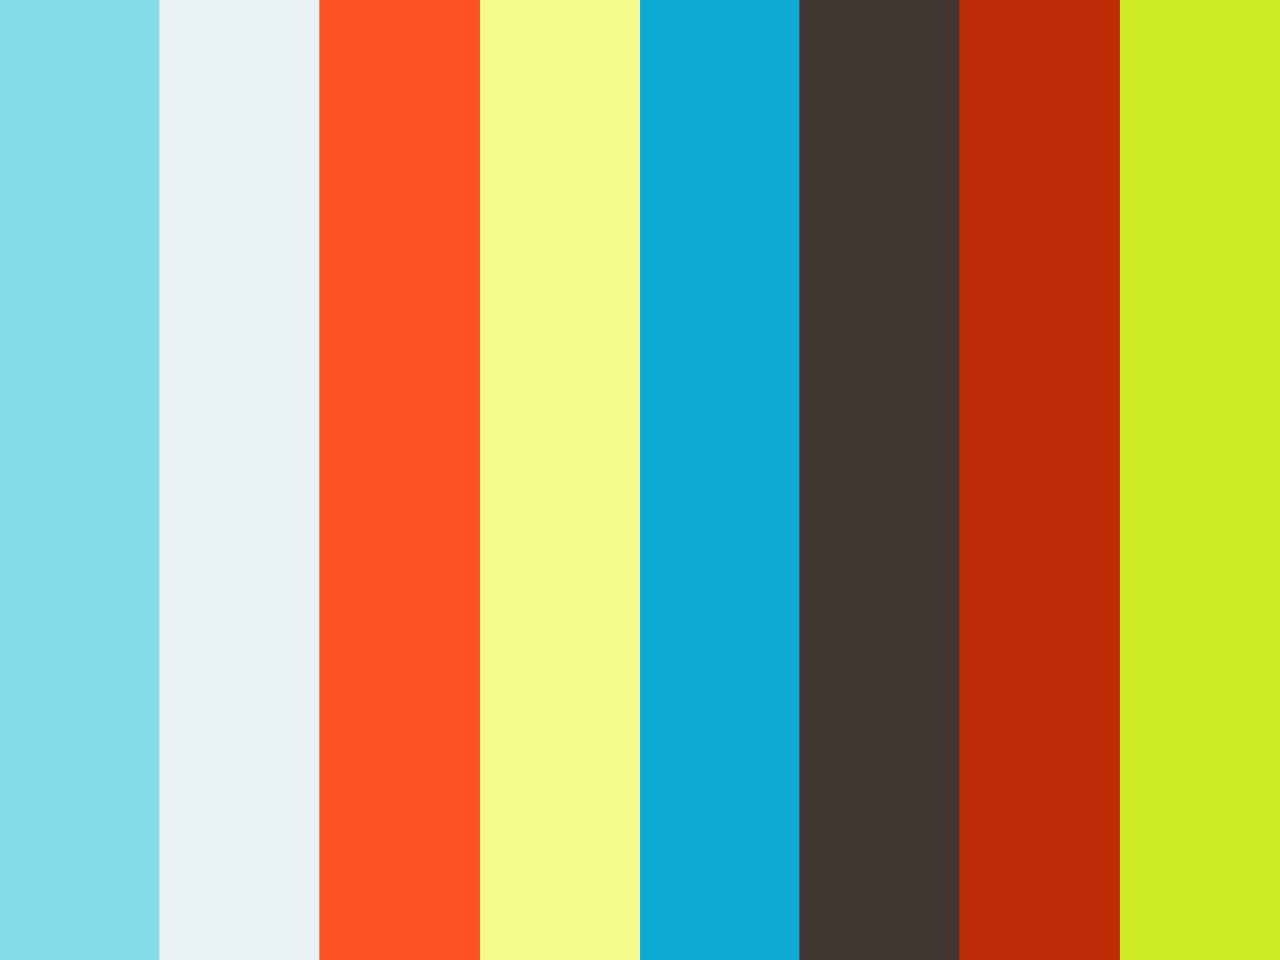 Test 025: klin - vlačno opterečenje klina 2